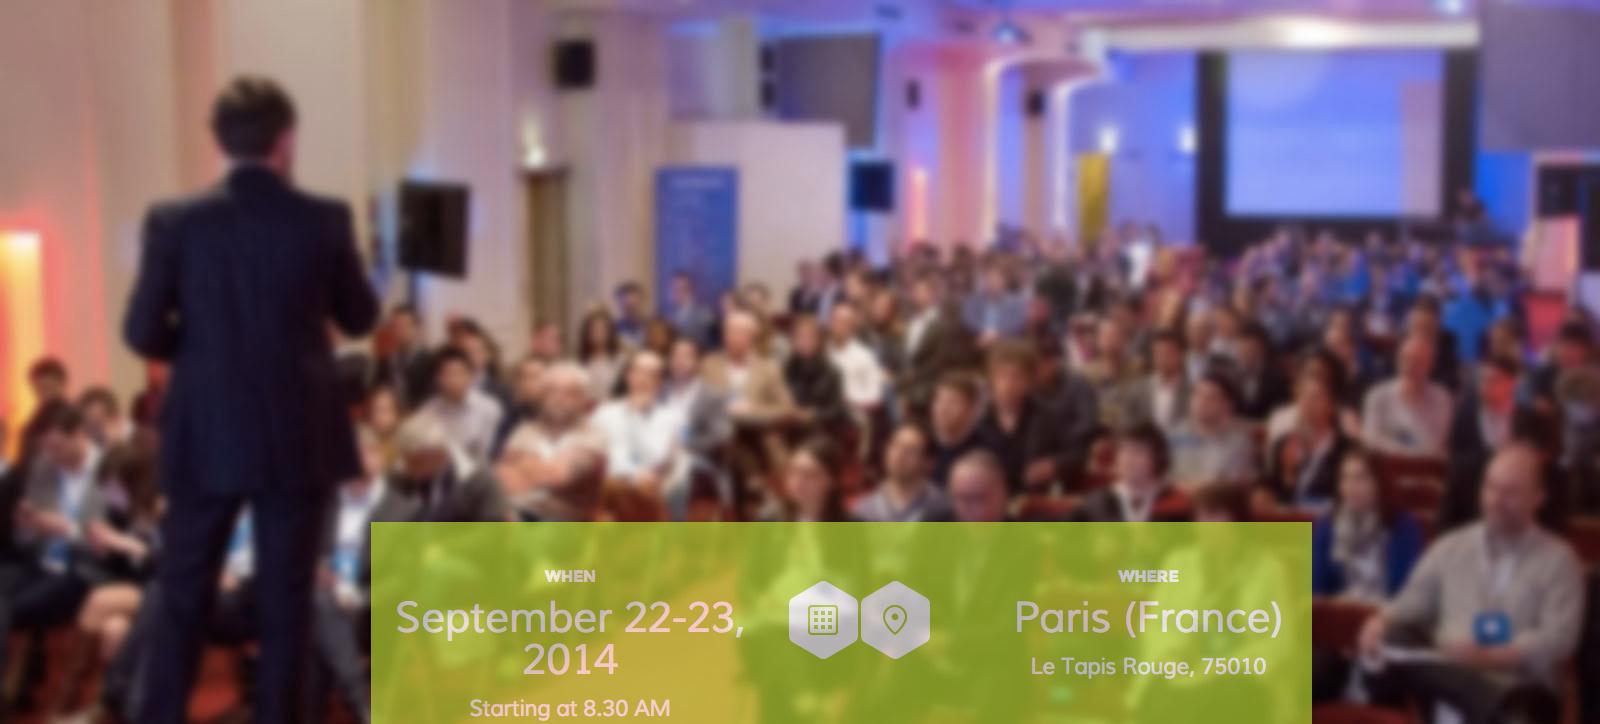 Droidcon Paris 2014 : 20 places à moitié prix jusqu'au 31 août !